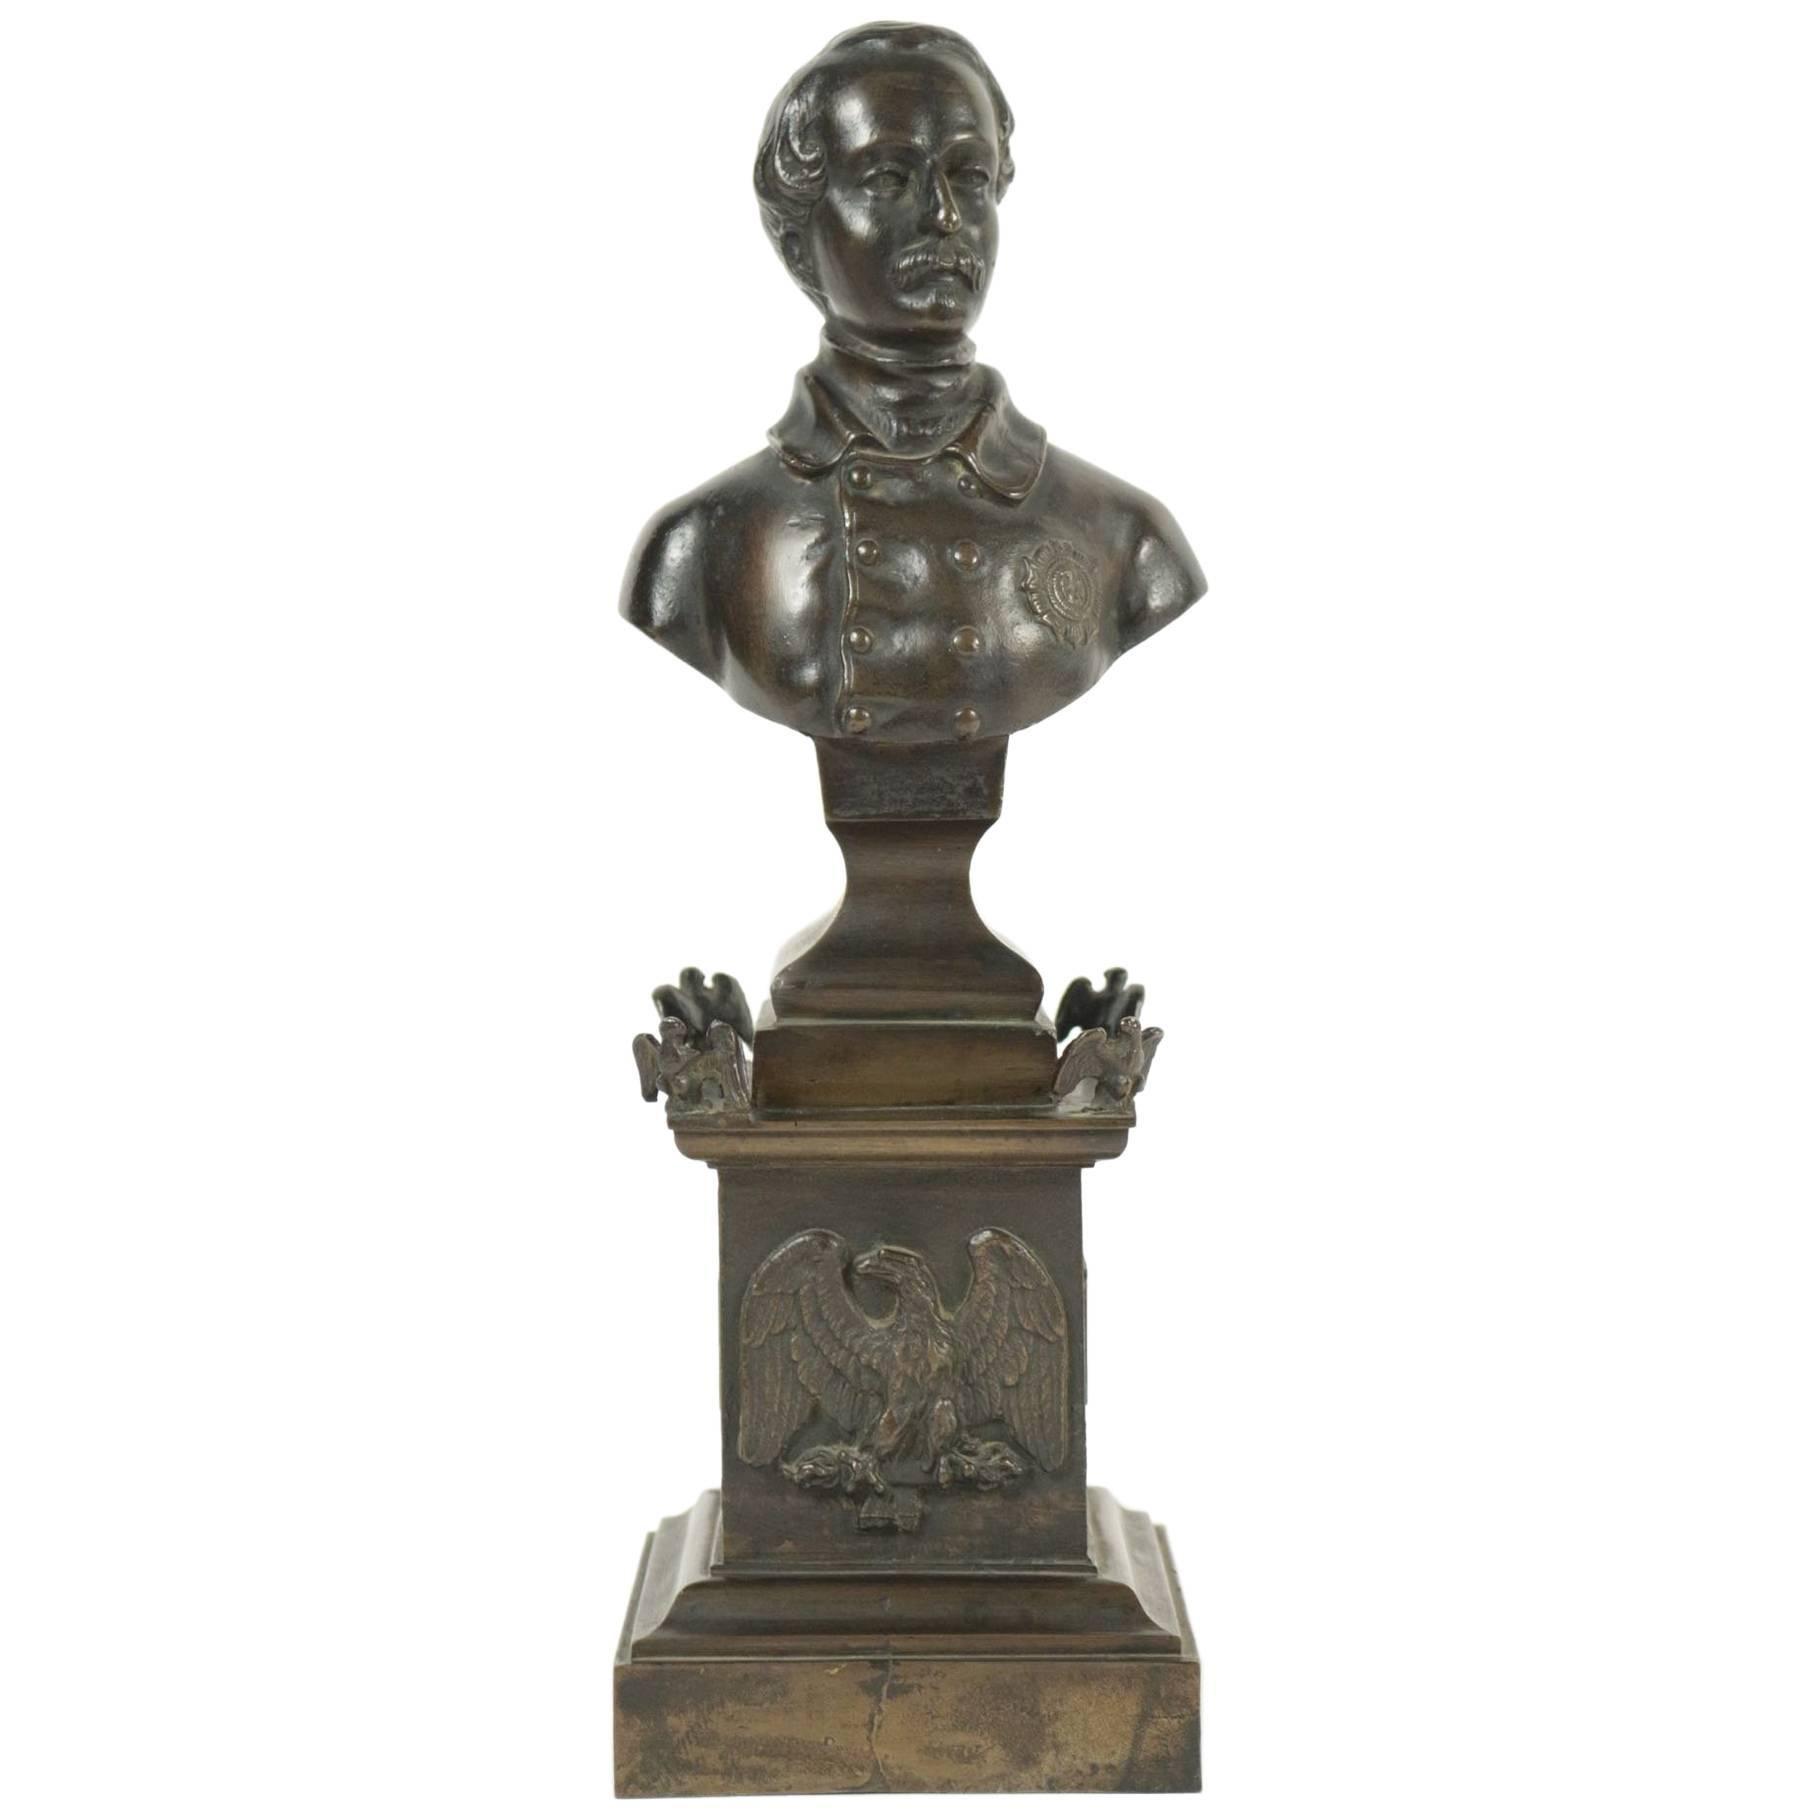 Bronze of Napoleon III, 19th Century